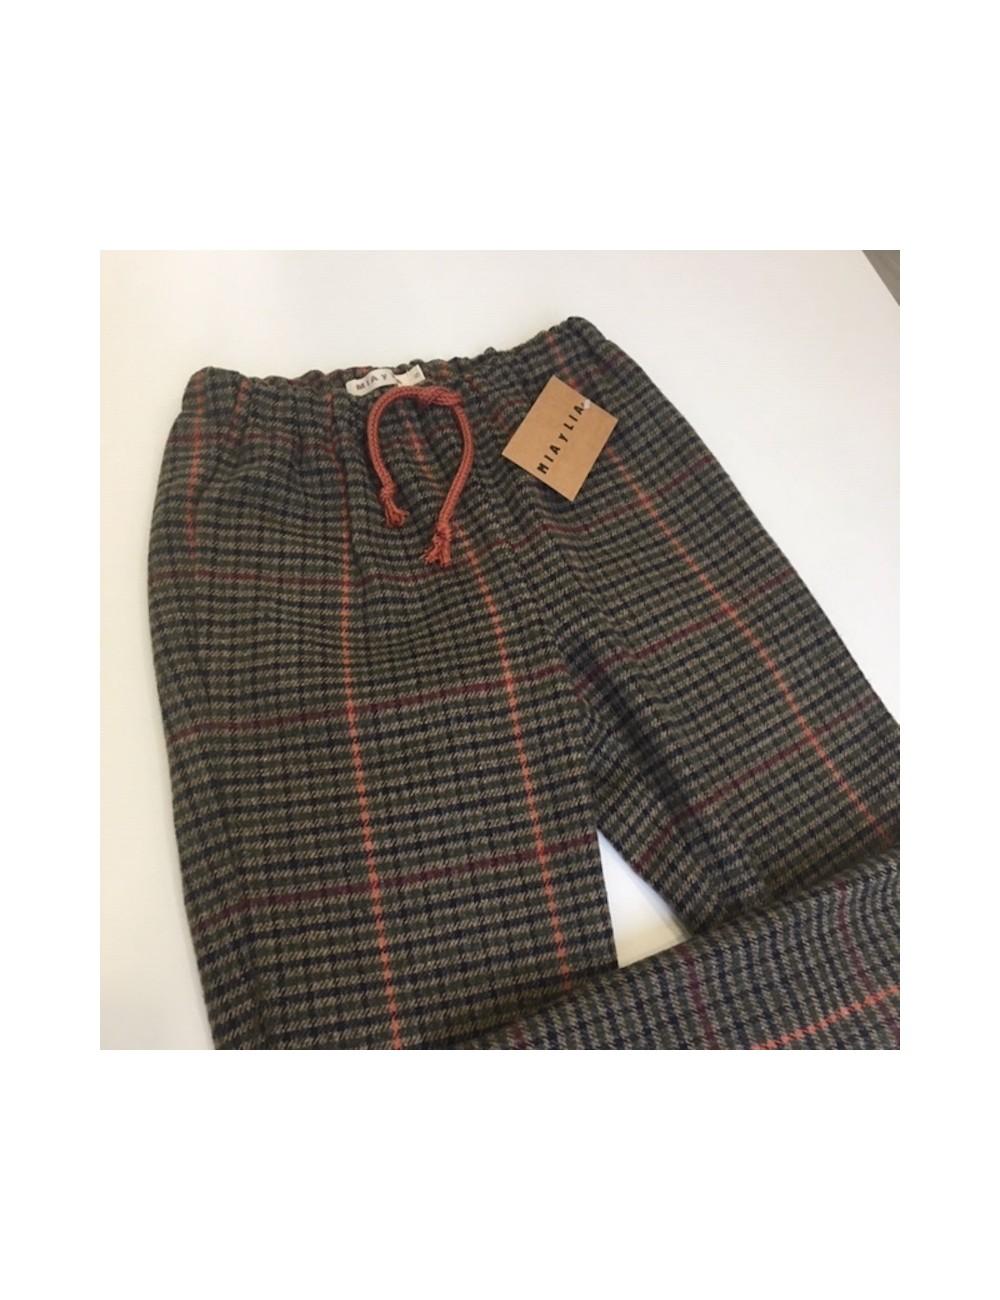 Pantalon de lana cuadro tartan en colores marrones con una raya naranja y cordon en la cintura de la marca Mia y Lia